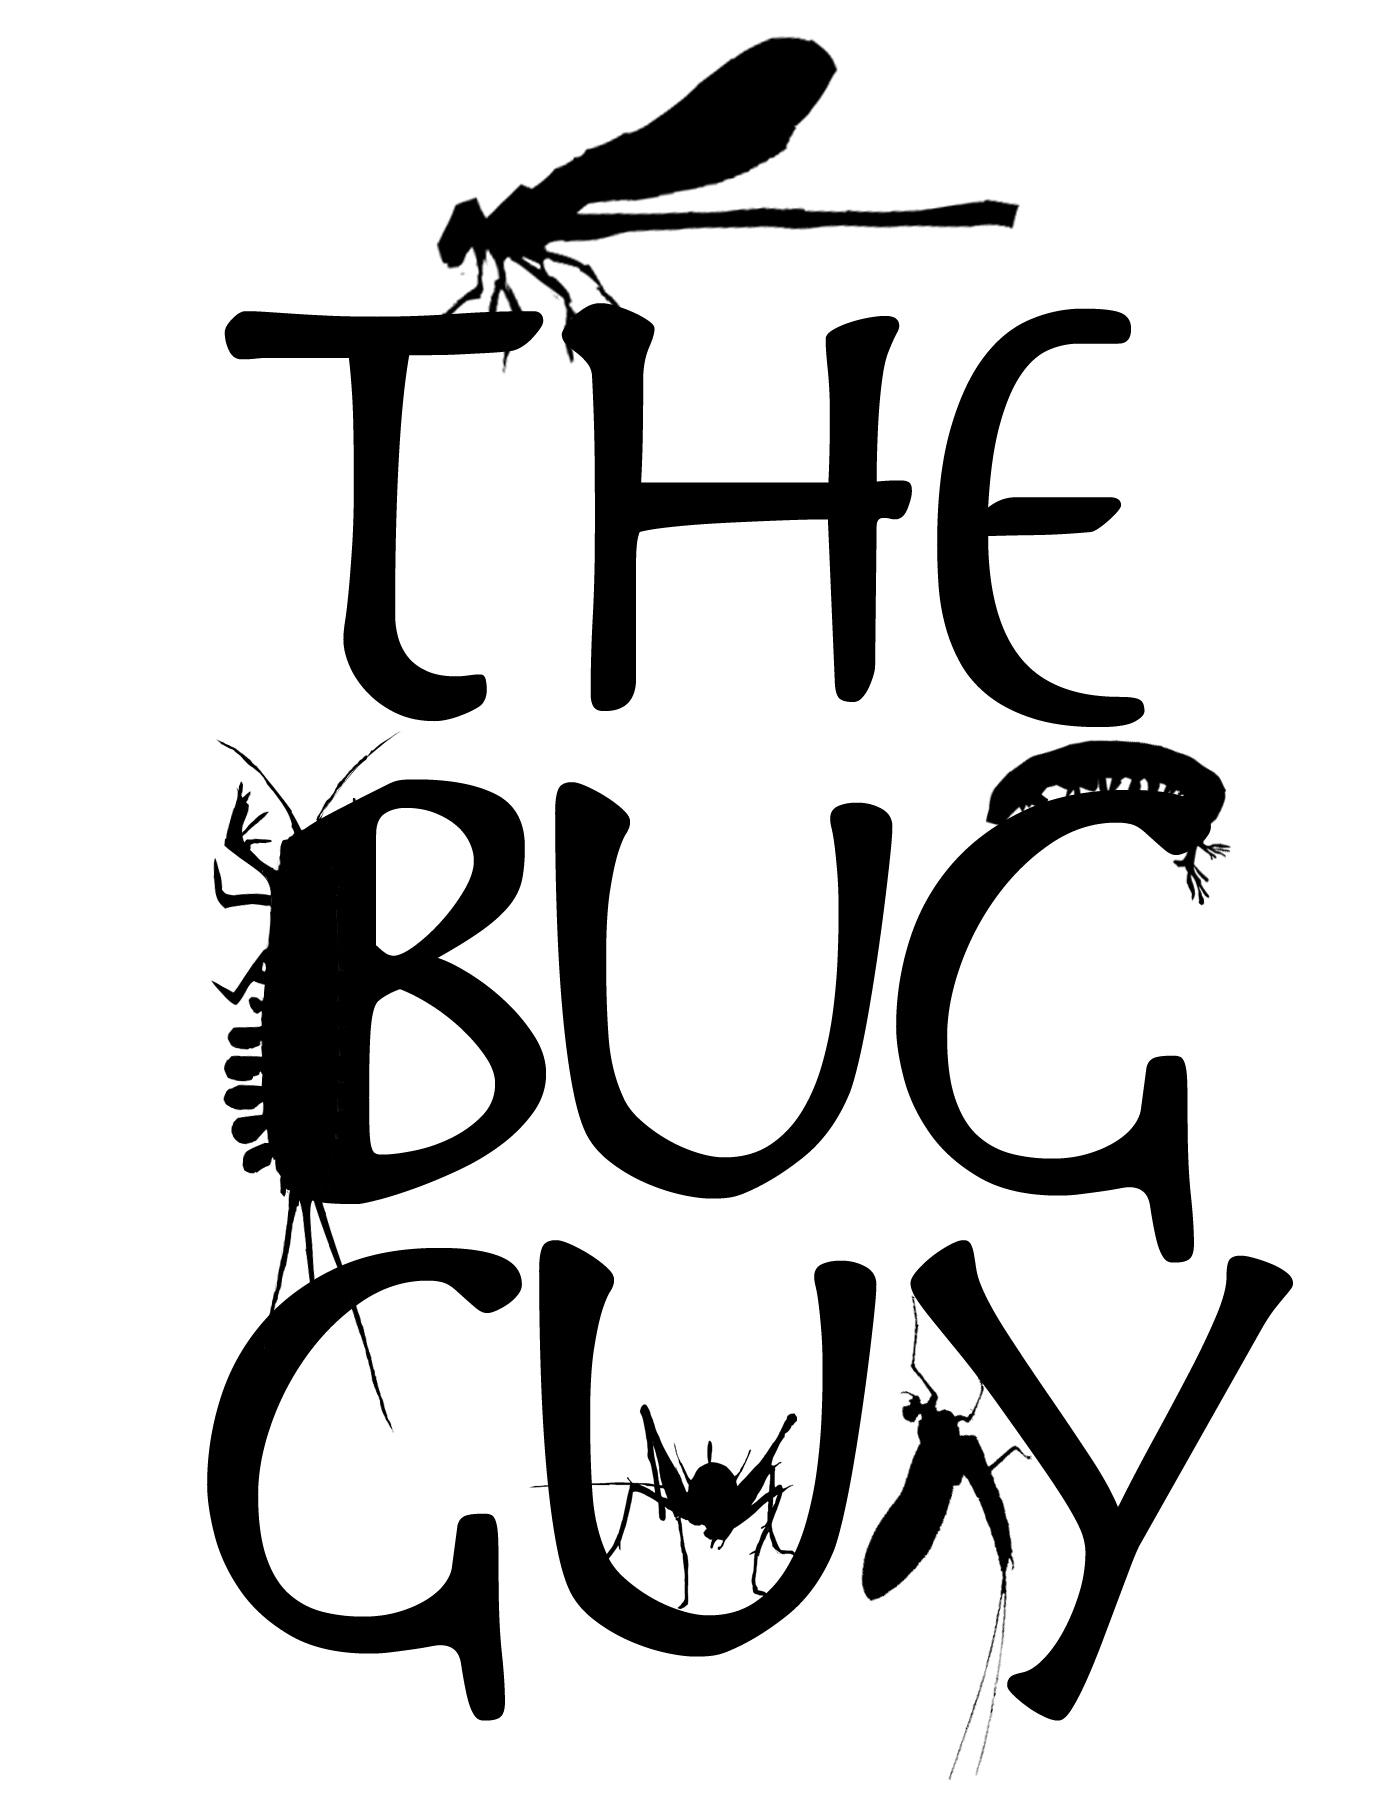 bug guy logo.jpg